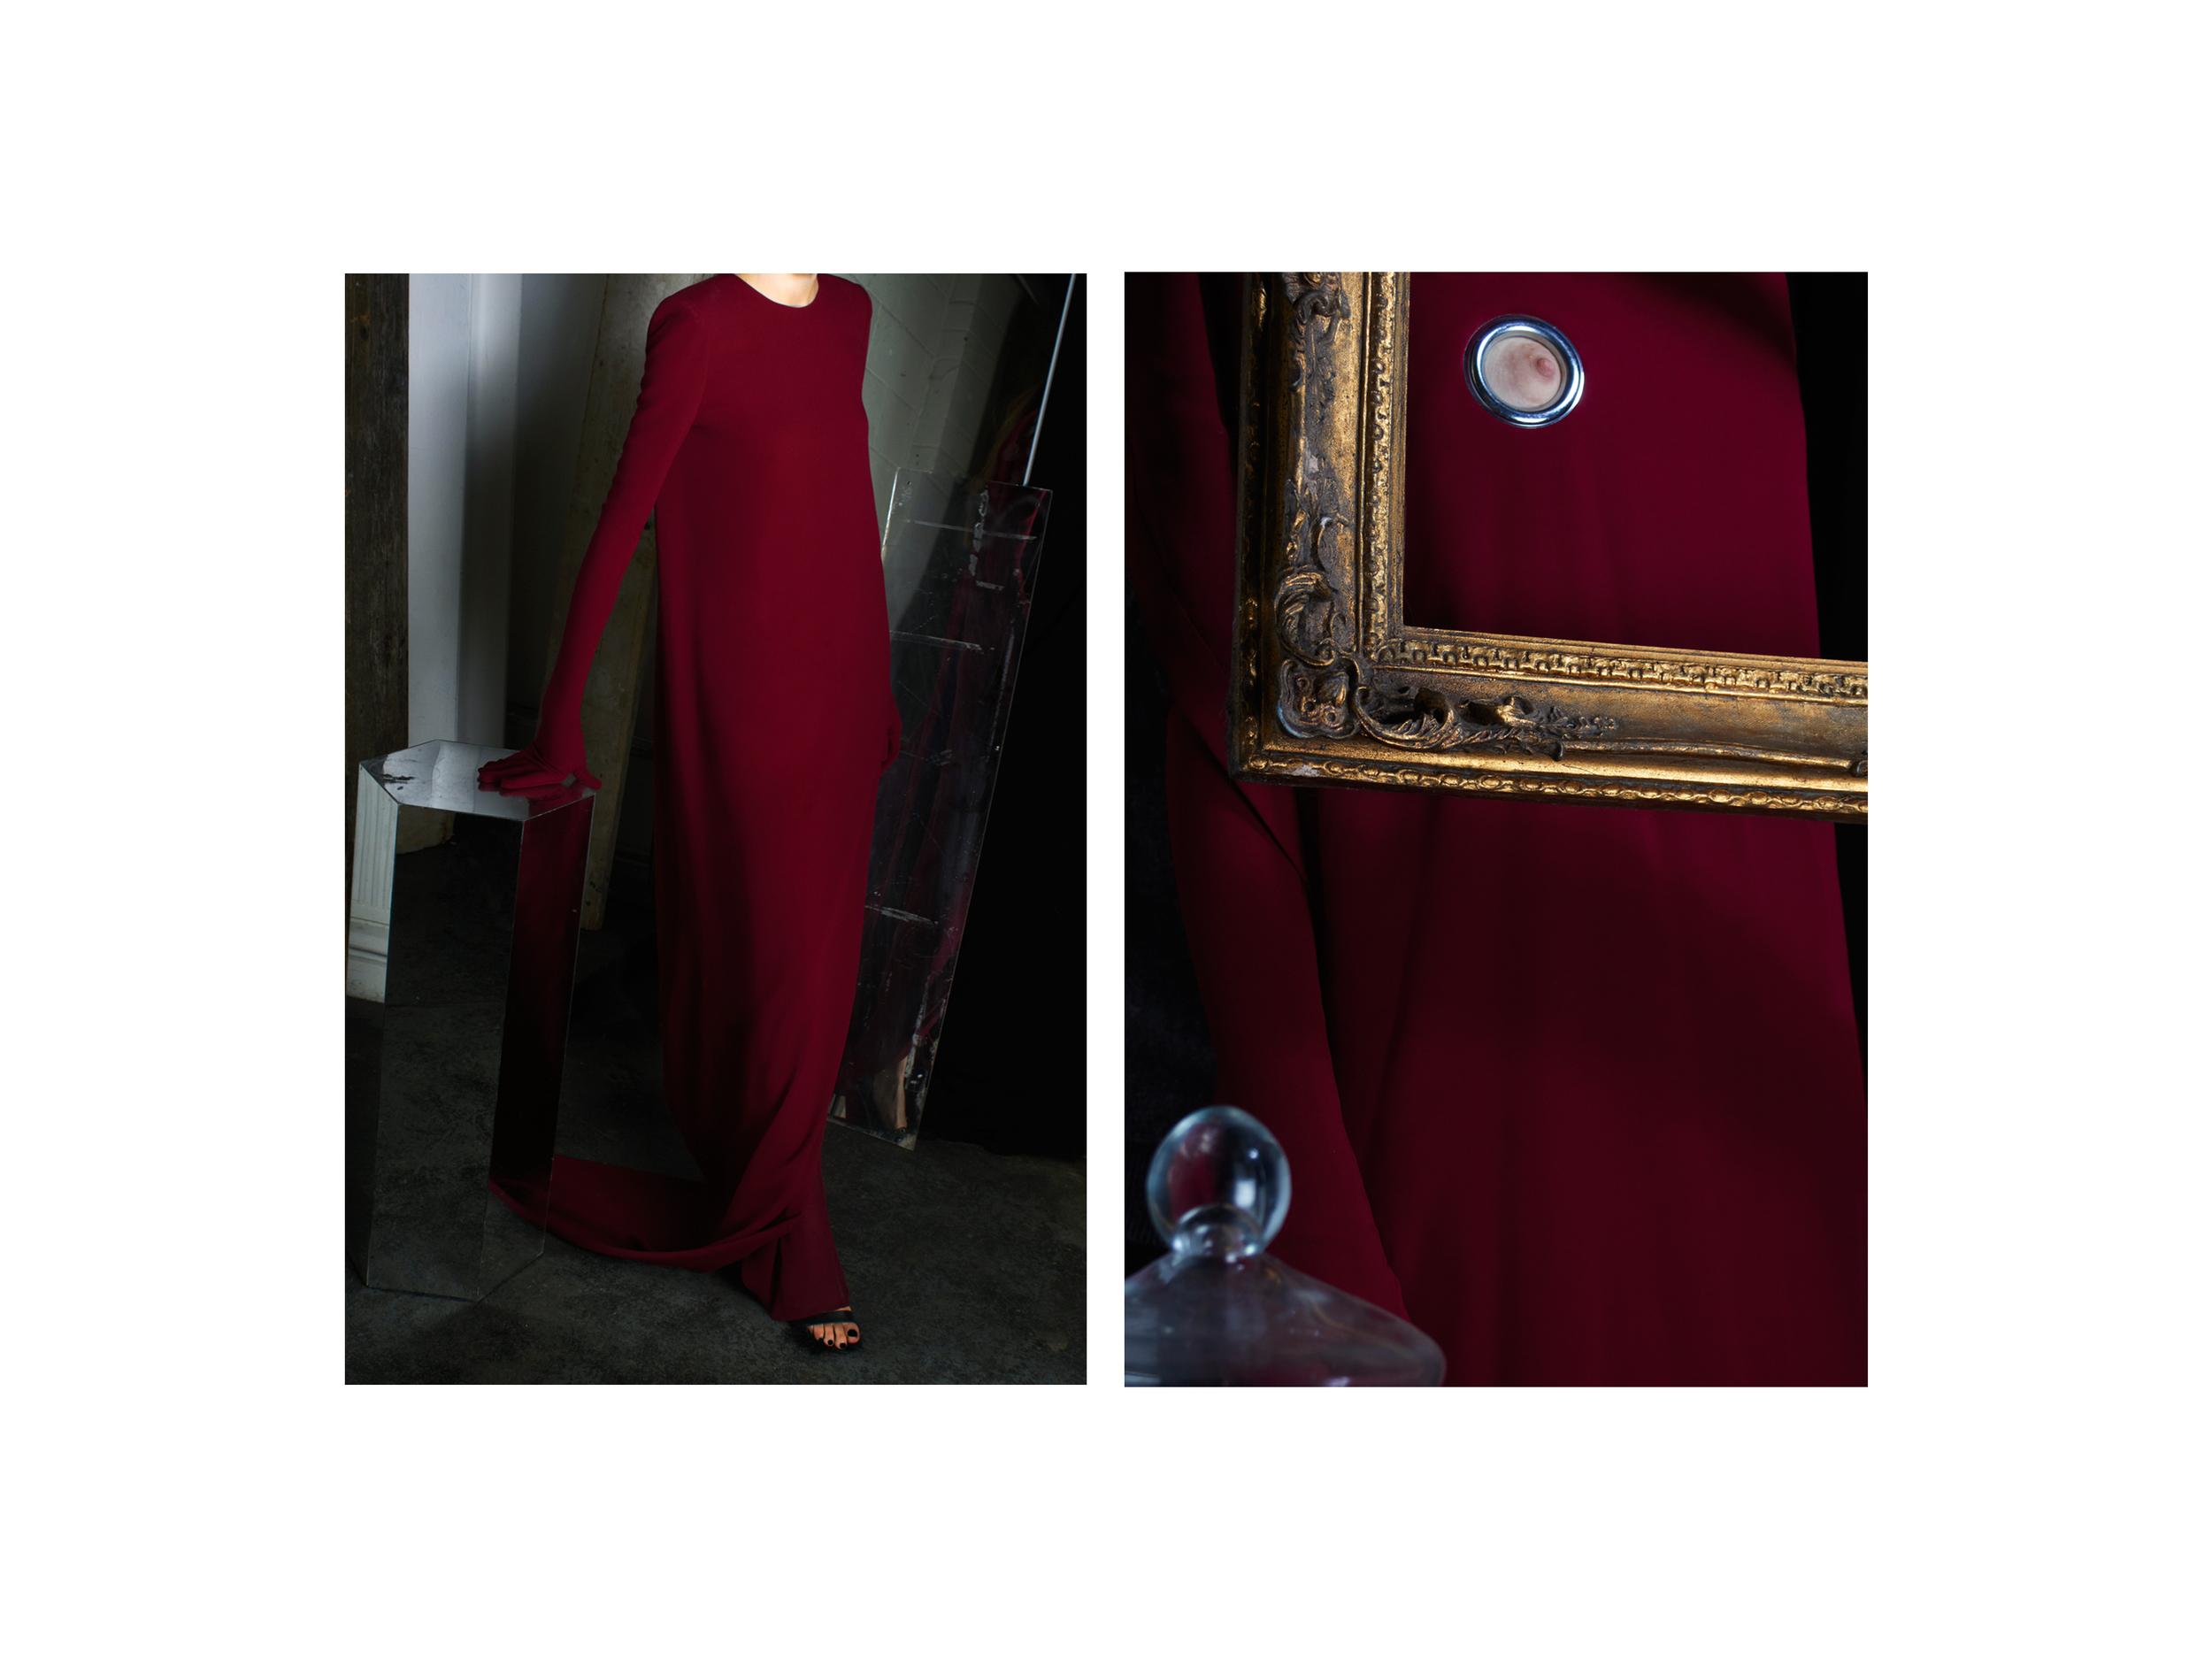 Camill Grapin MA Womenswear - Central Saint Martin